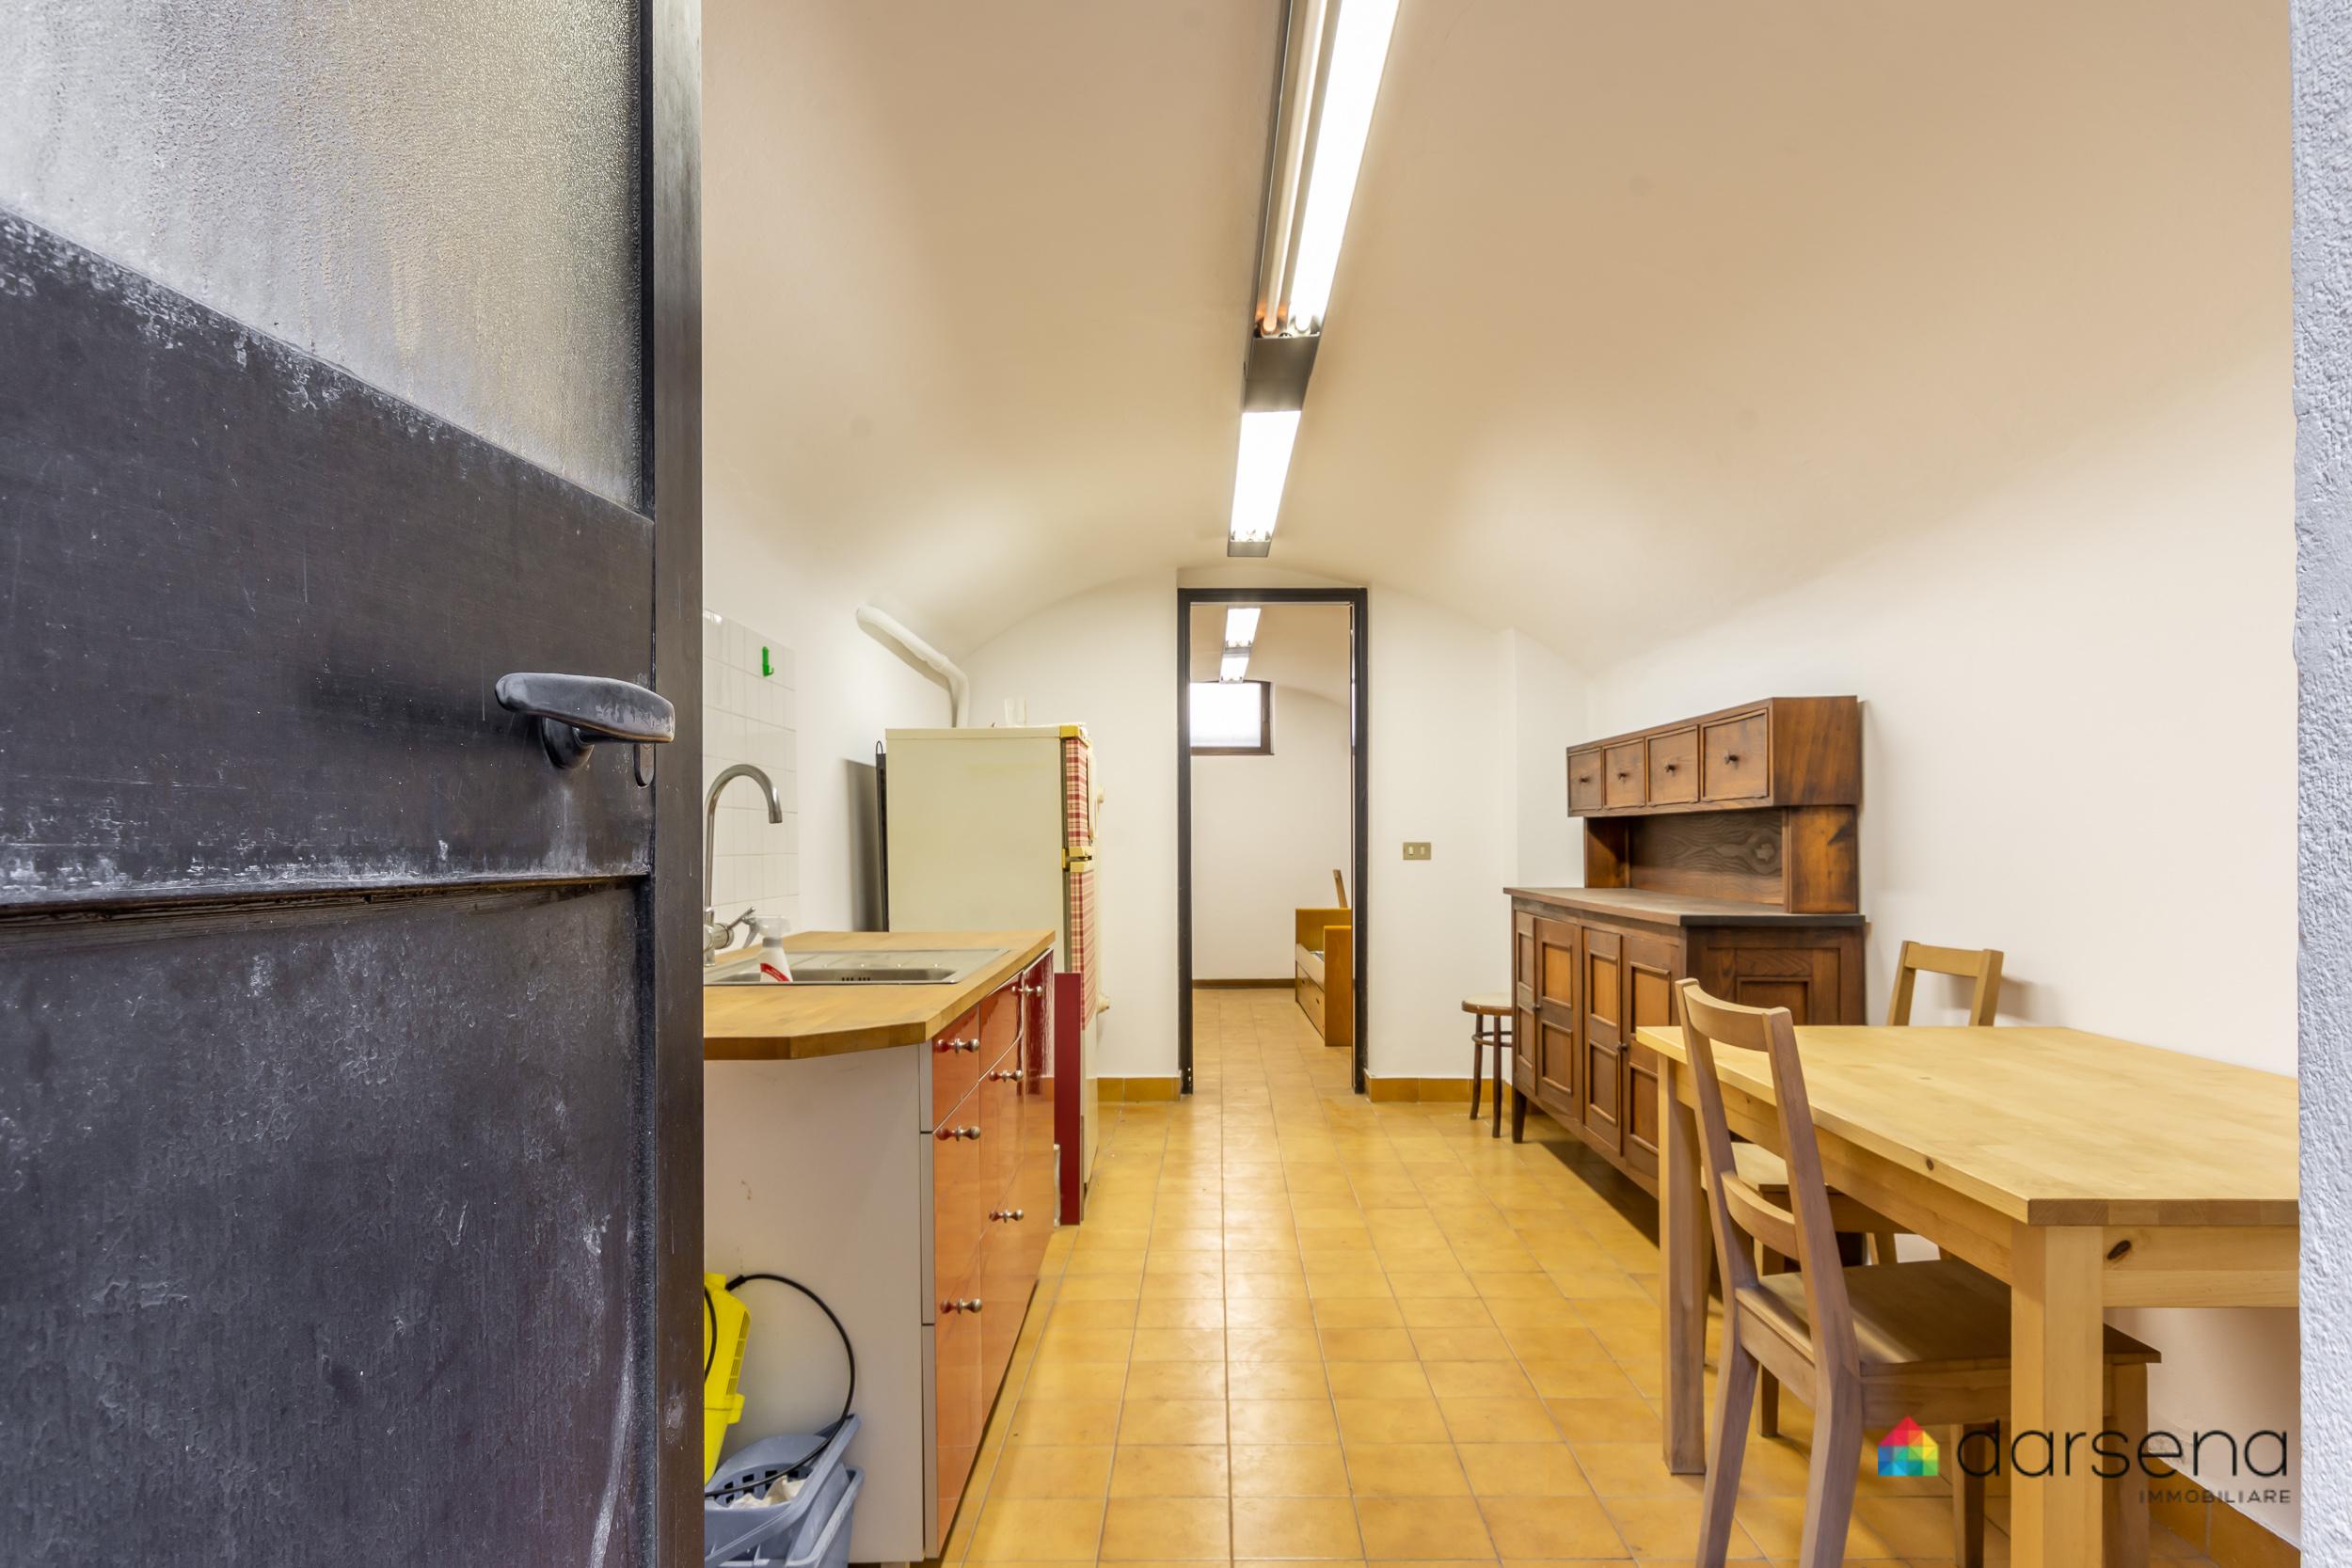 Via Clefi, Milano | Darsena Immobiliare